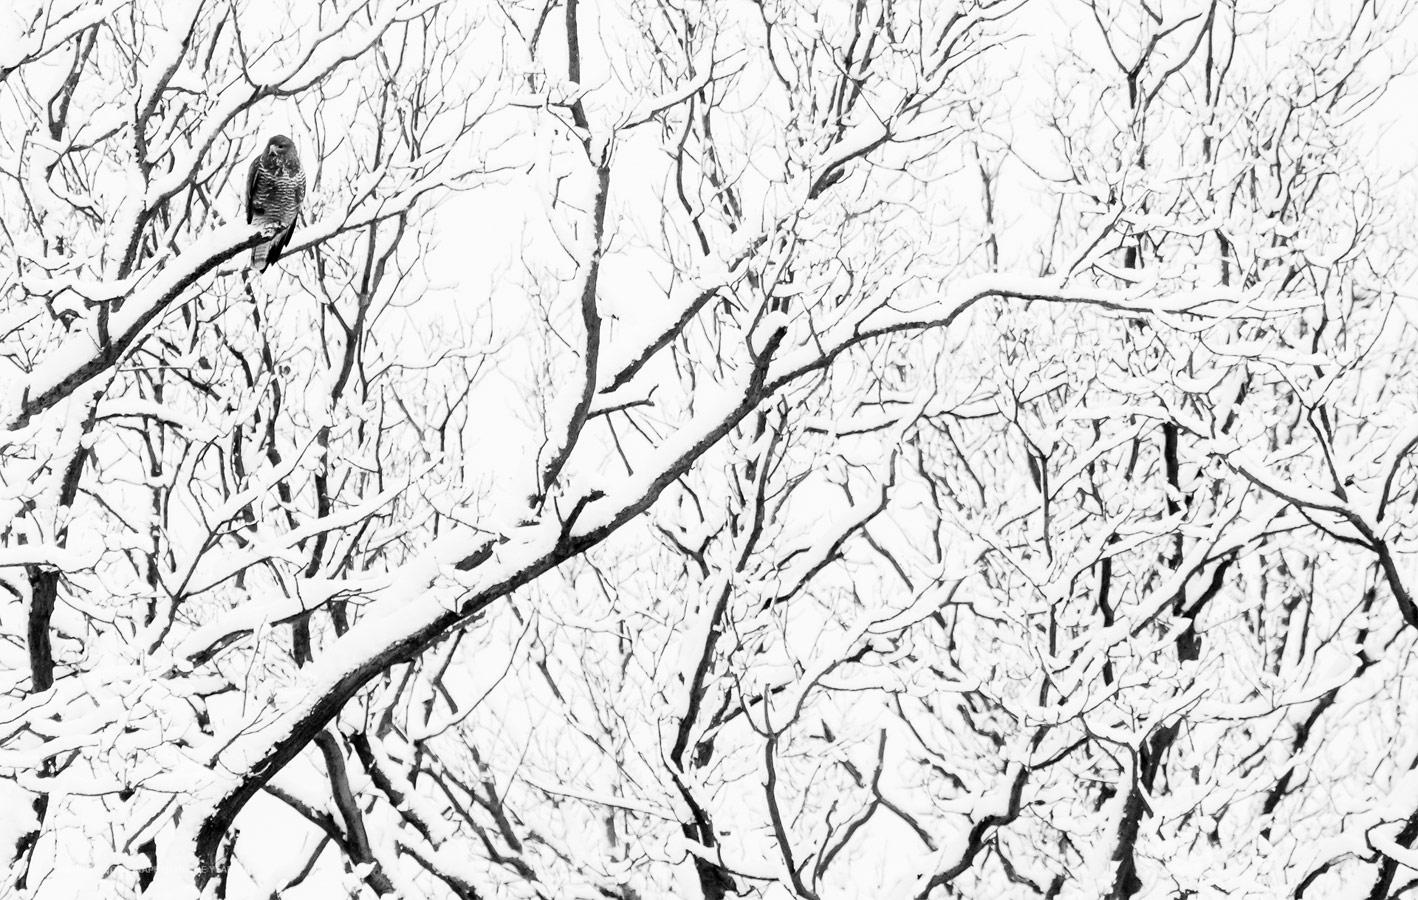 Ястреб, © Рик Ван дер Краатс, Победитель категории «Молодой фотограф 10–17 лет», Фотоконкурс «Природный фотограф года»